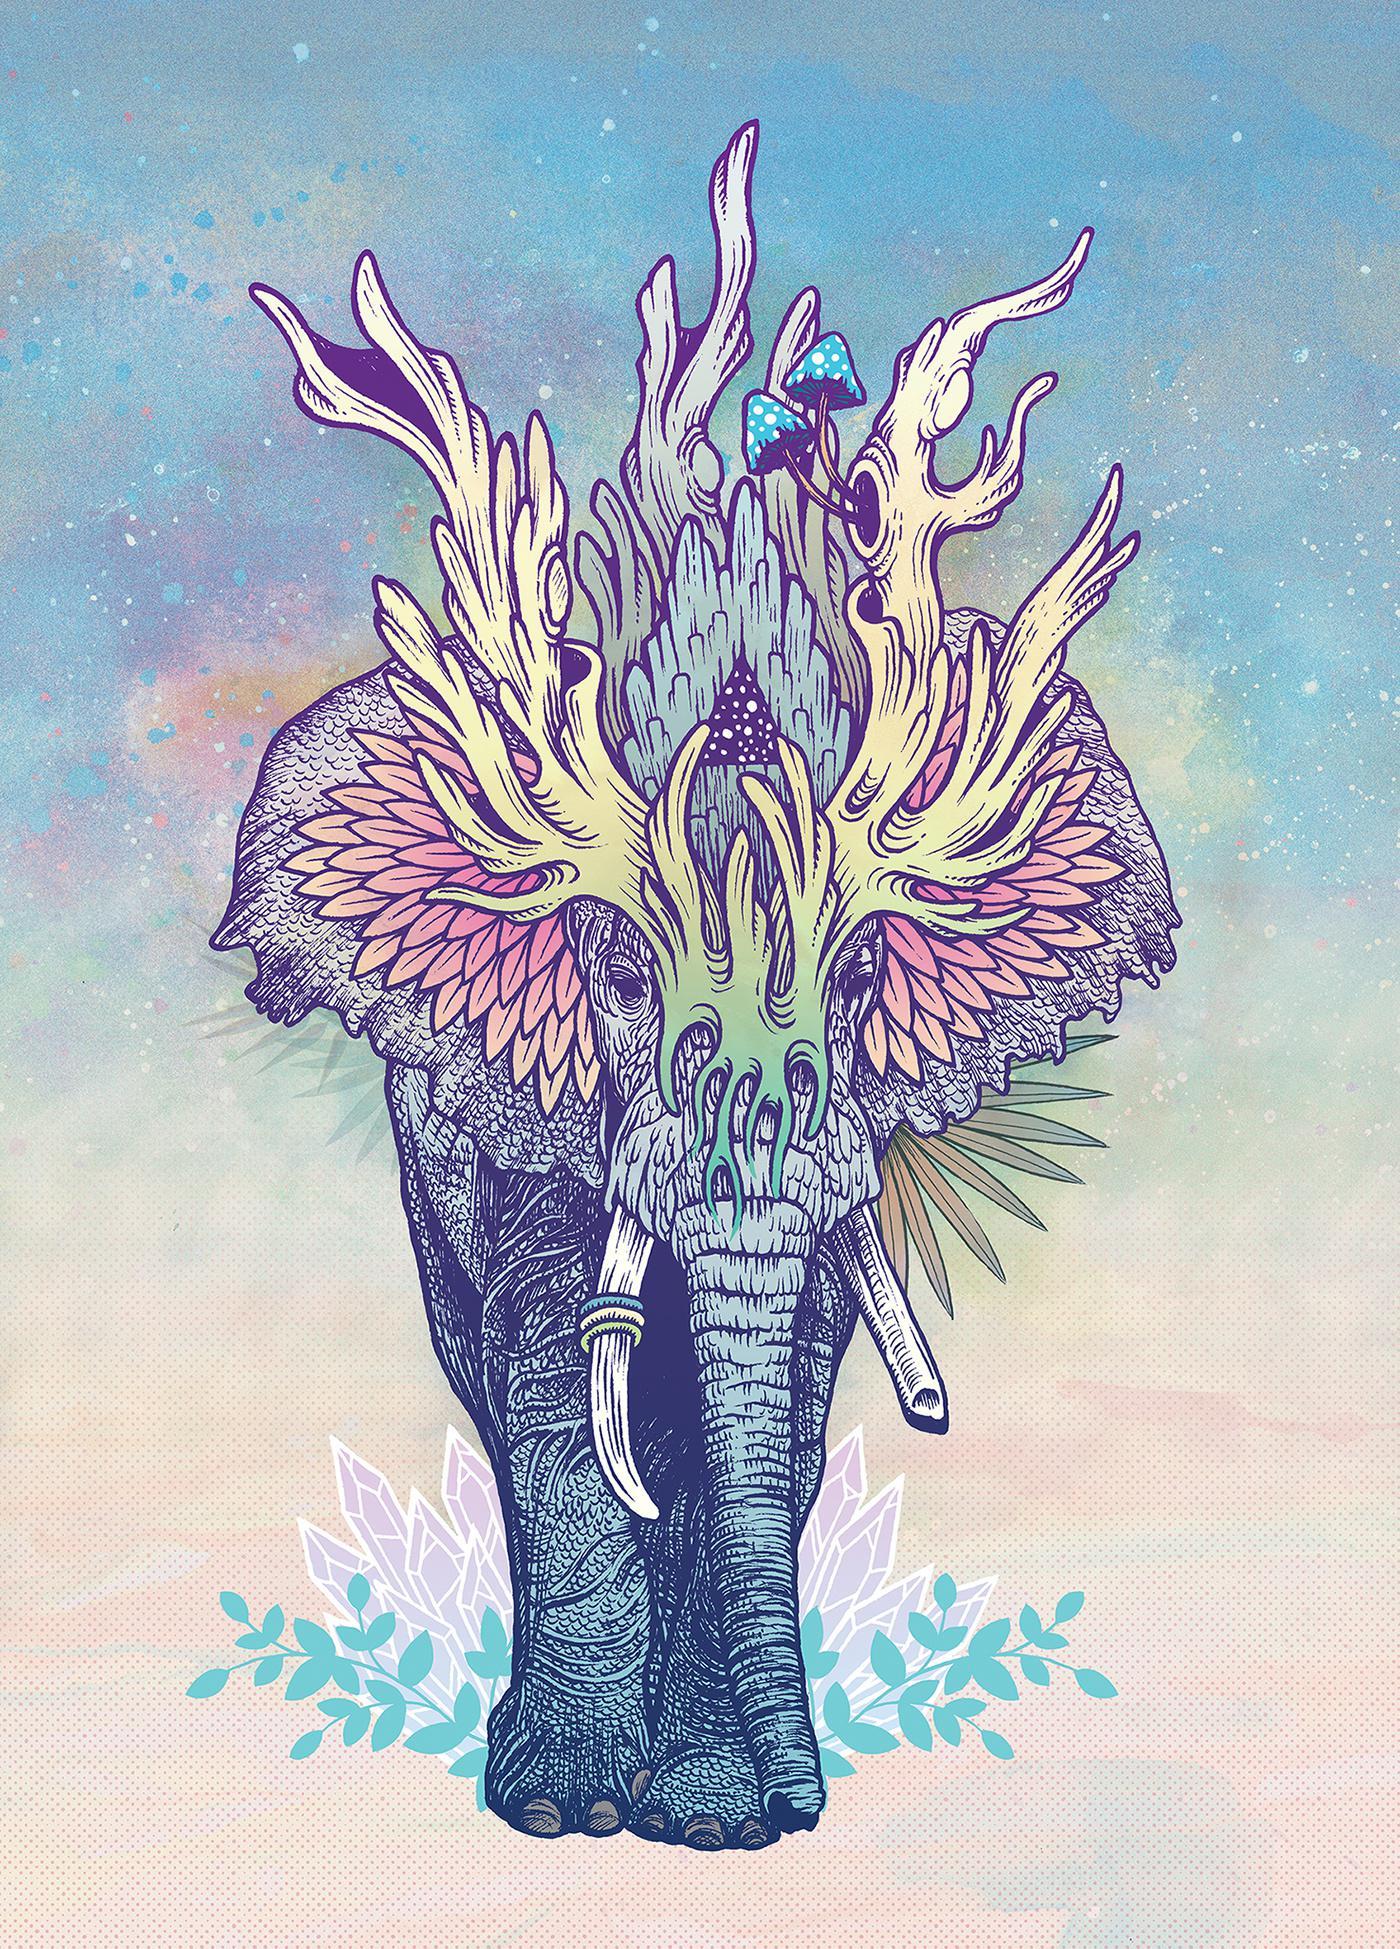 手绘山海经--灵兽 ever-changing style插画 绘图 数码艺术